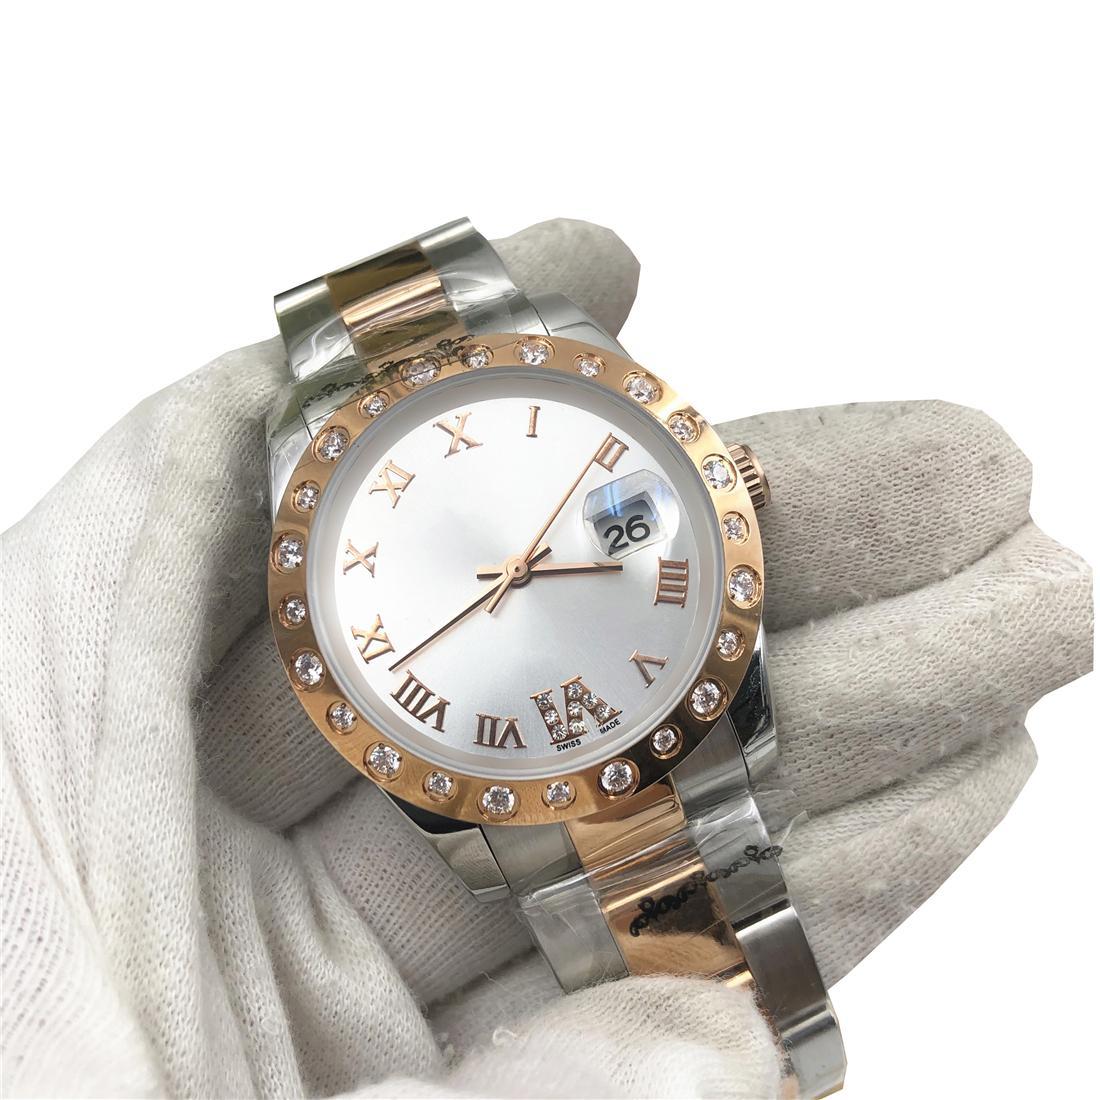 Top Hot Mens automático Roma Relógio Noctilucent Negócios À Prova D 'Água Luxo Relógio De Aço Diamante Strap Relogio Mulheres 36mm